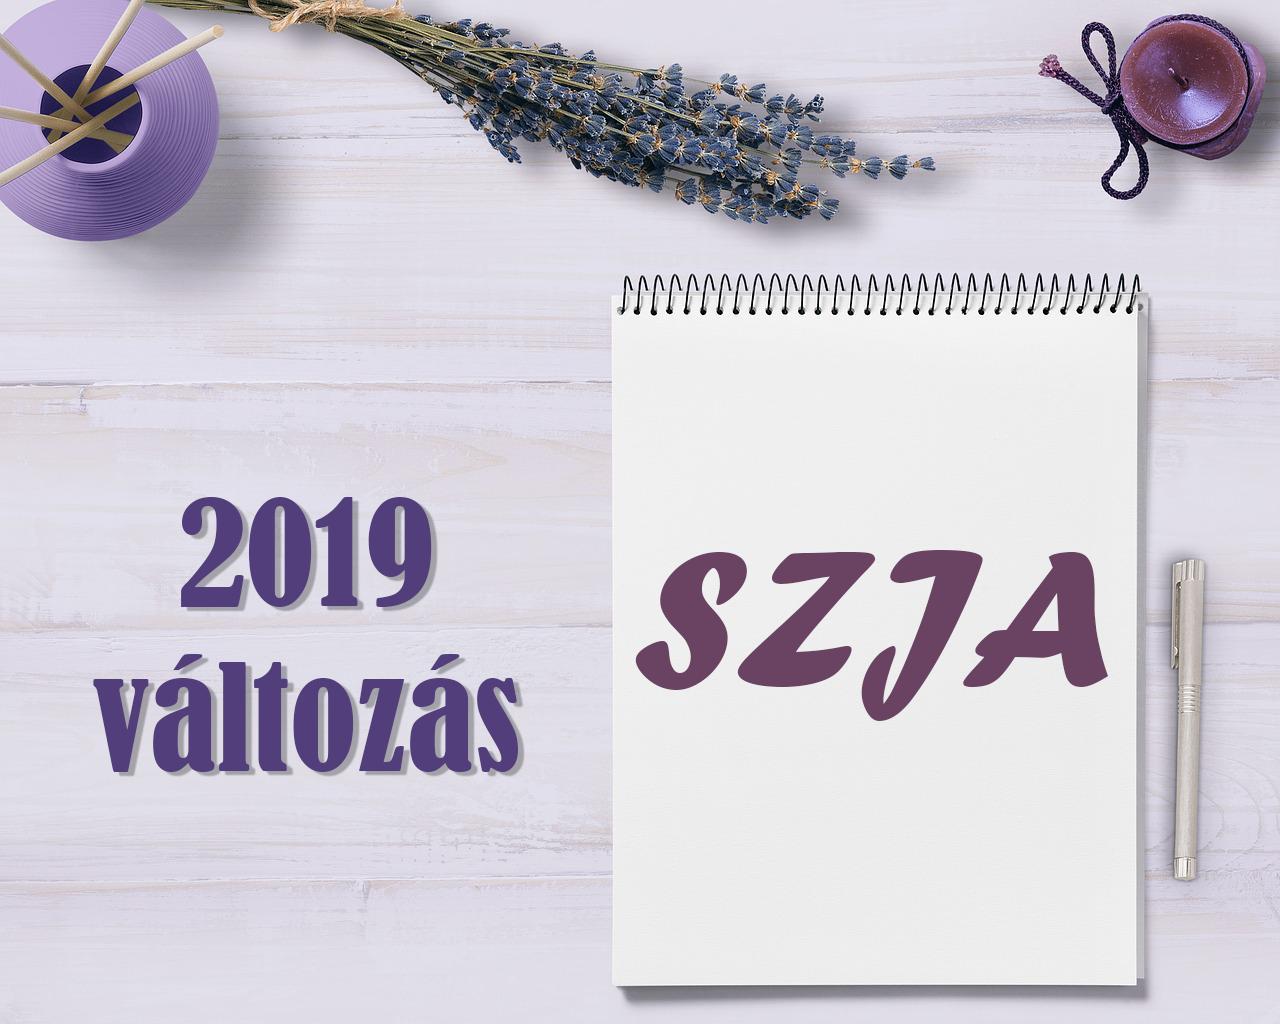 2019-valtozas---szja.png